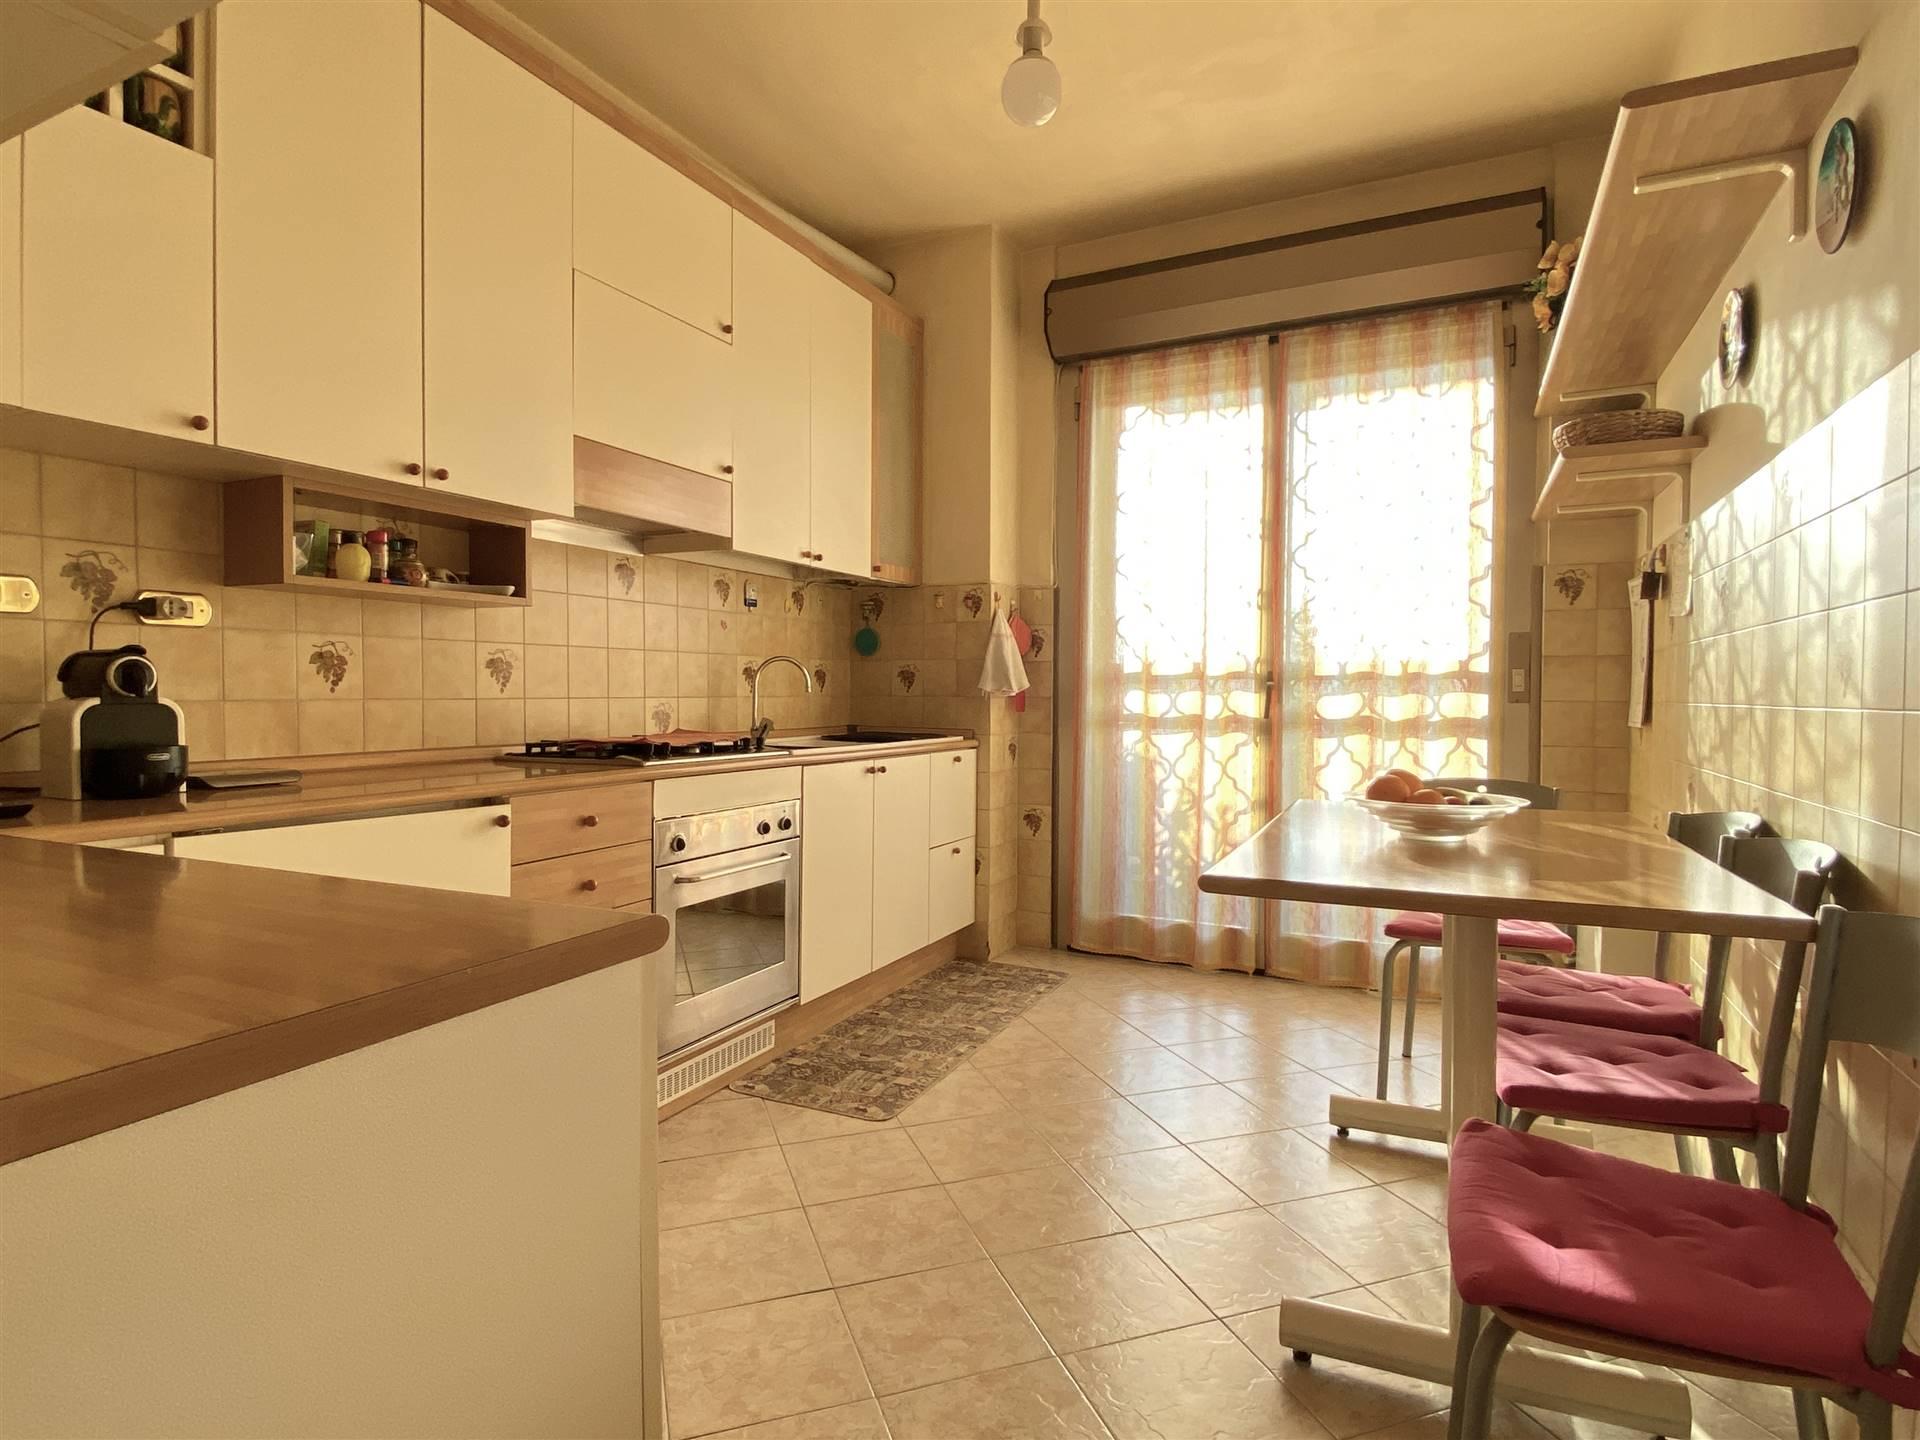 Quadrilocale In Vendita A San Giuliano Milanese Via Toscana 17 Rif 4 Locali Sesto Ulteriano Acq N 246752